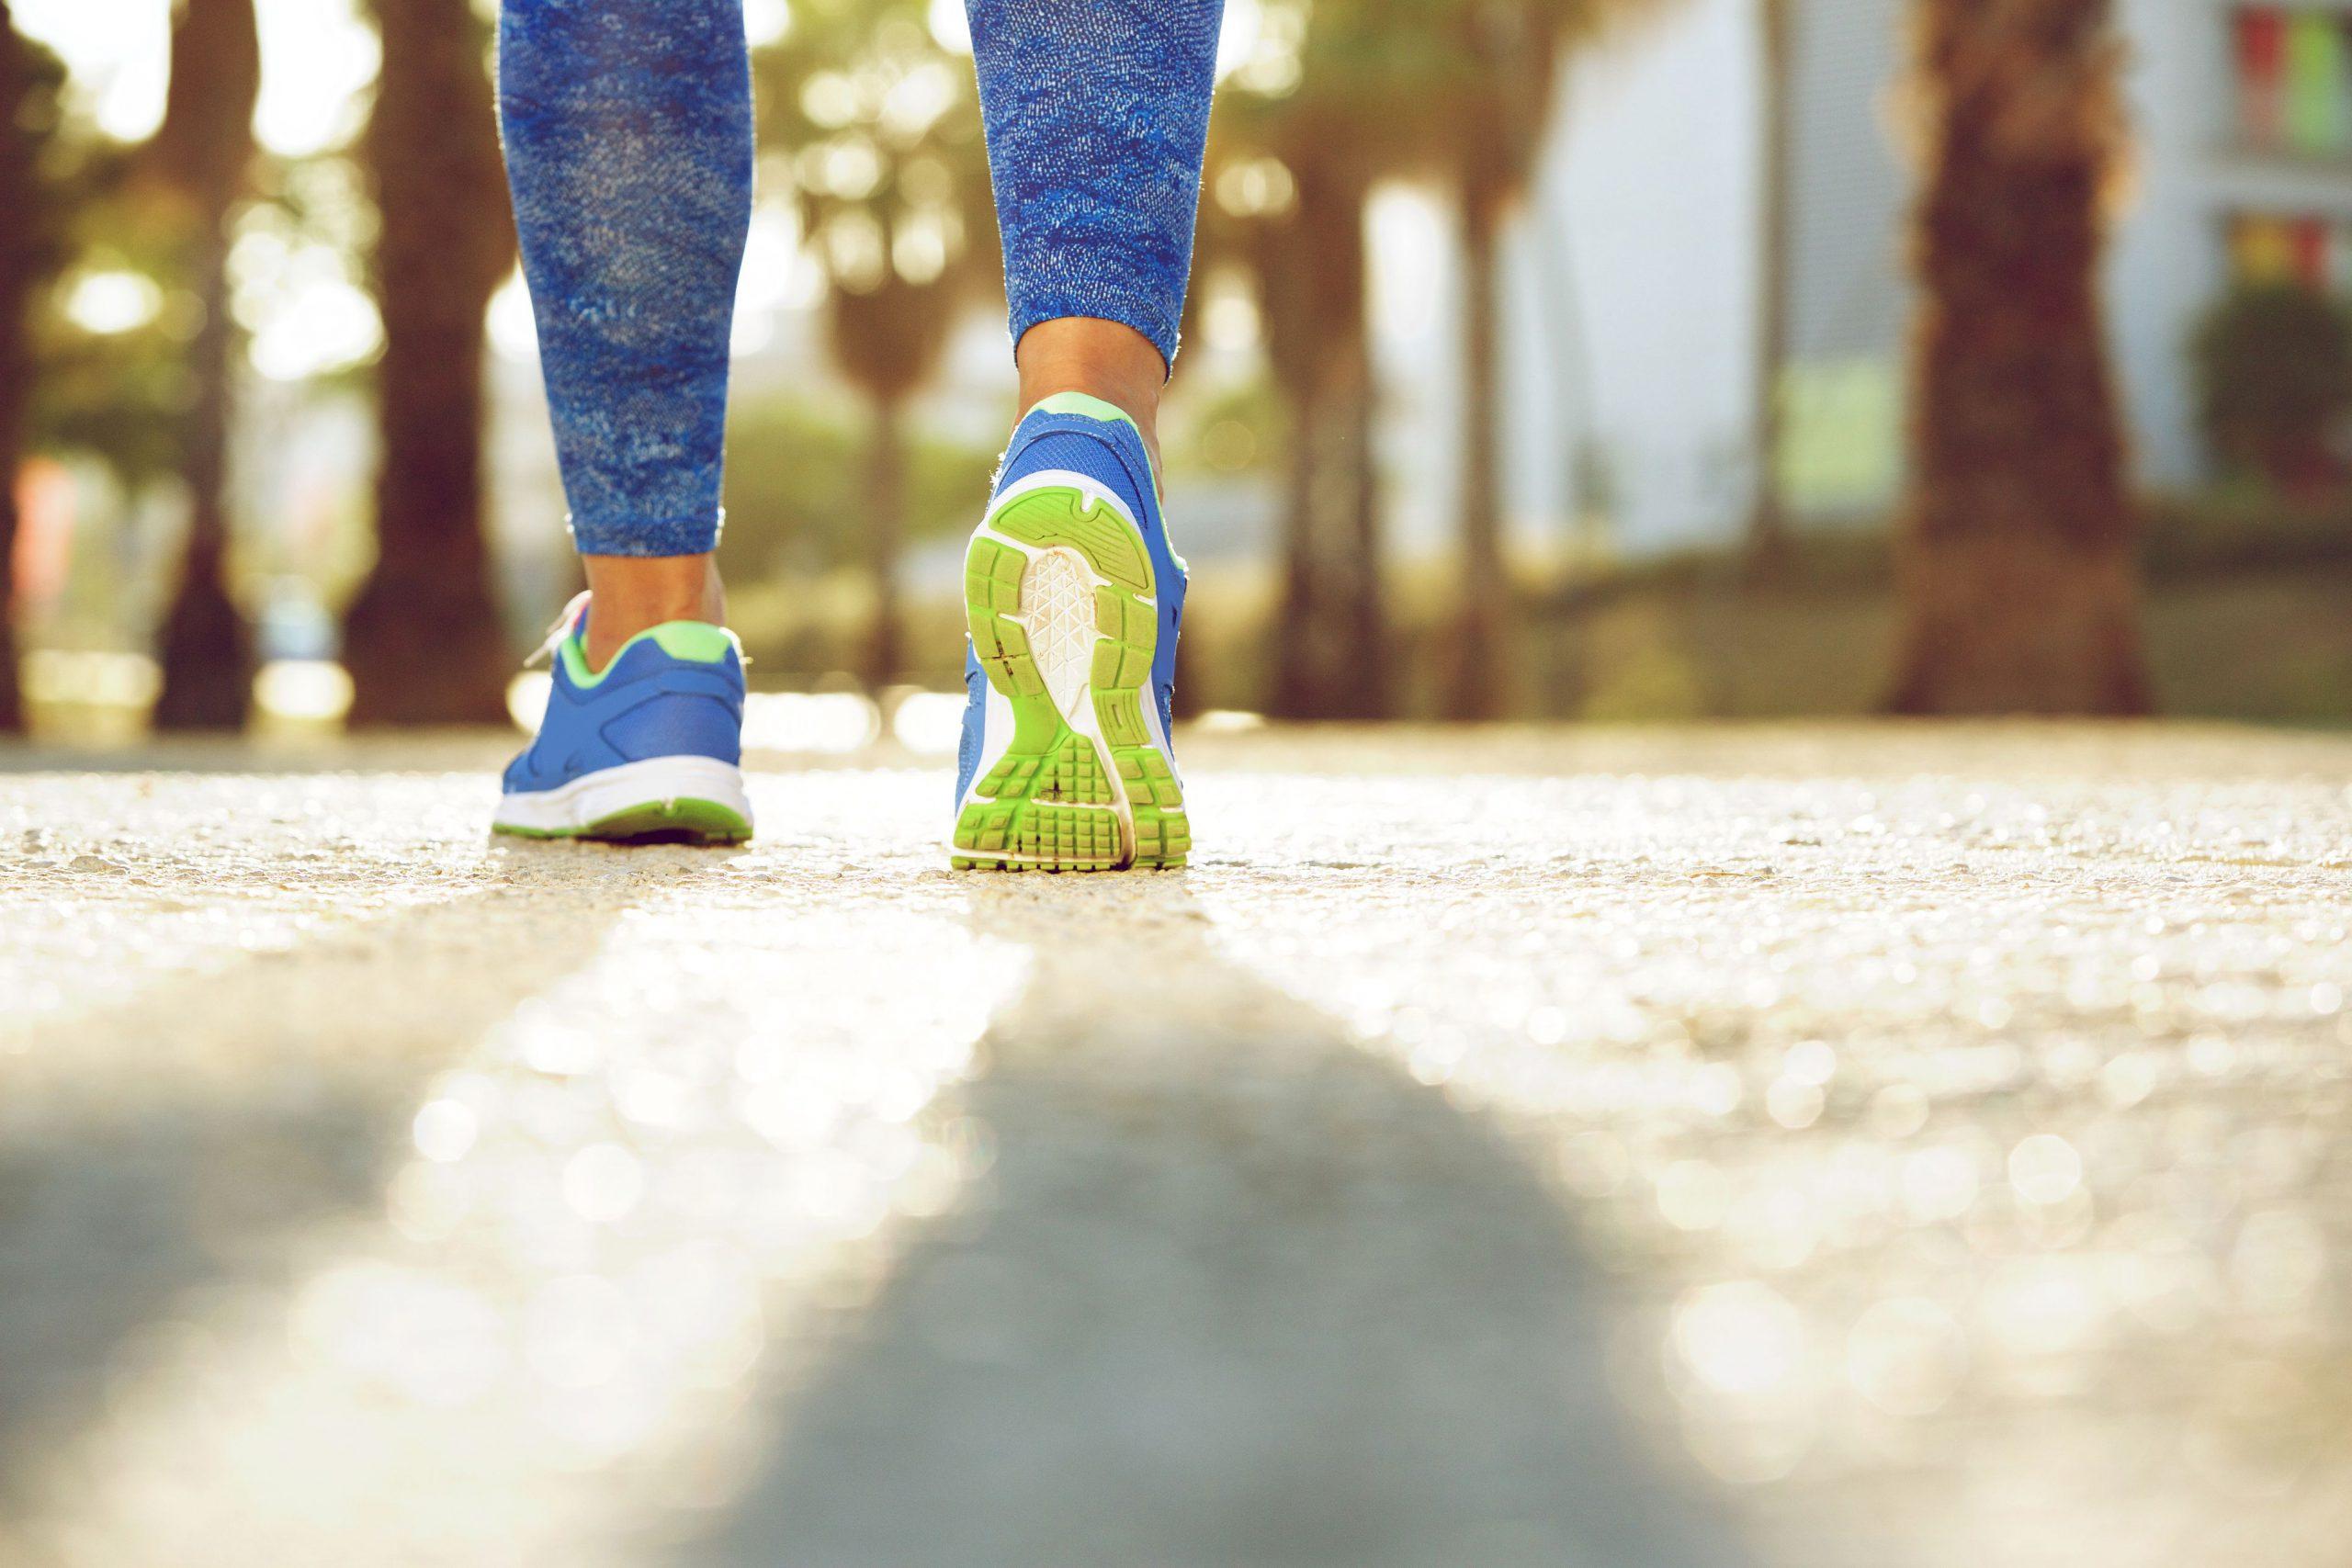 تصویر از پیادهروی و تمرینهای قدرتی، رمز طول عمر بیماران کبدی